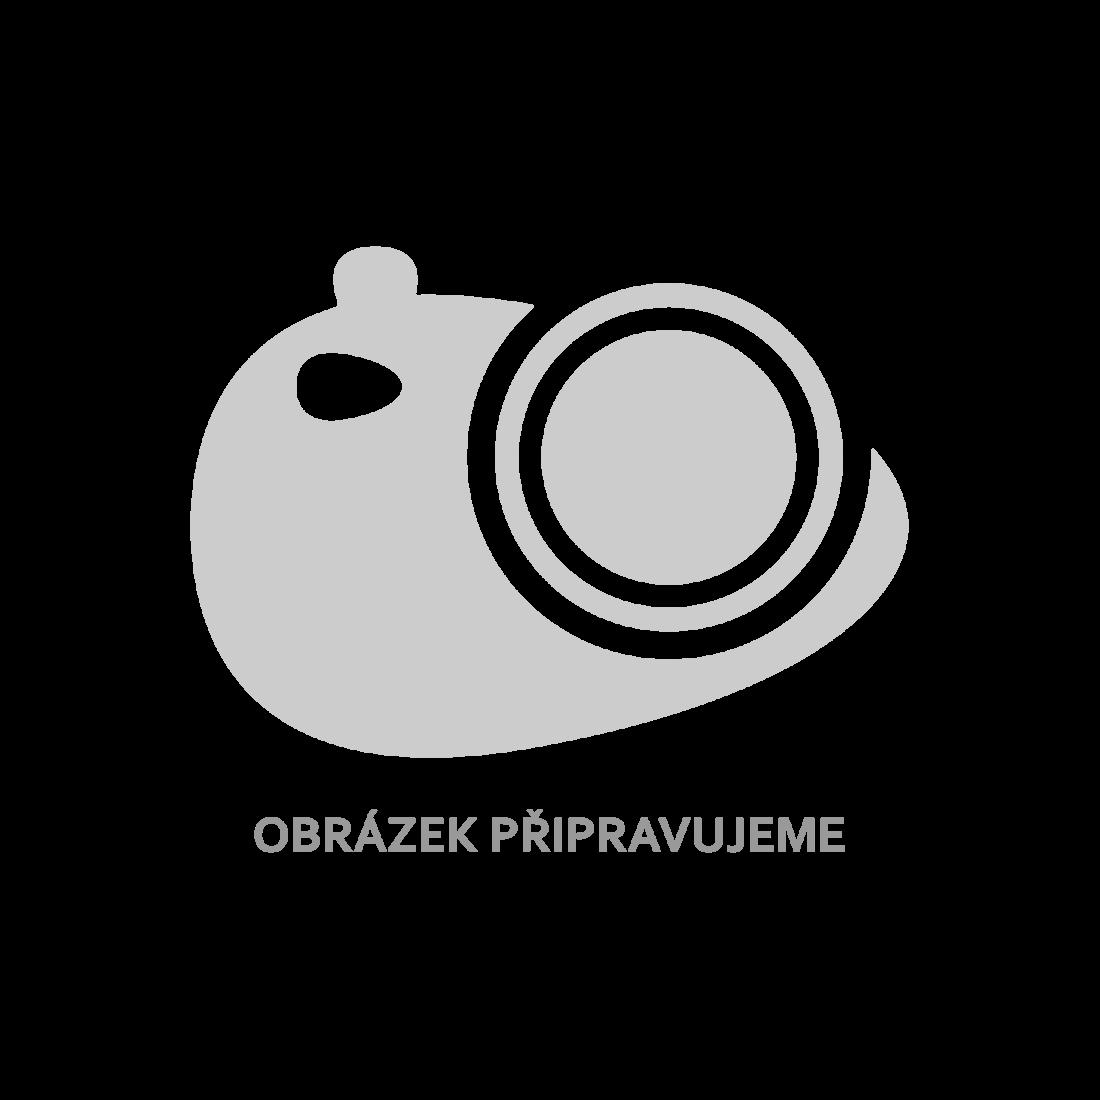 vidaXL Kancelářská skříň betonově šedá 60 x 32 x 190 cm dřevotříska [800301]